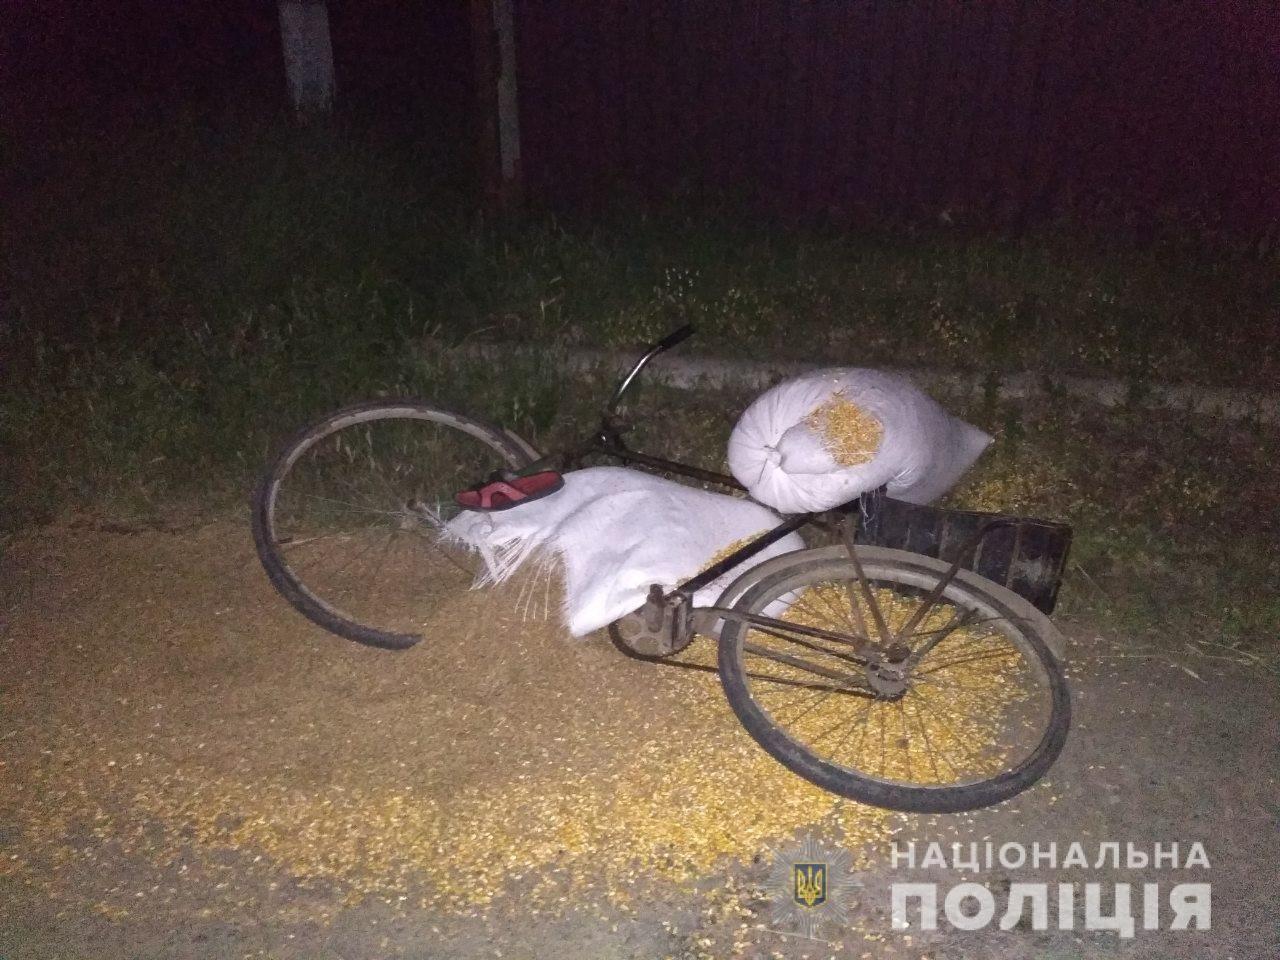 В Херсонской области нетрезвый водитель насмерть сбил велосипедиста